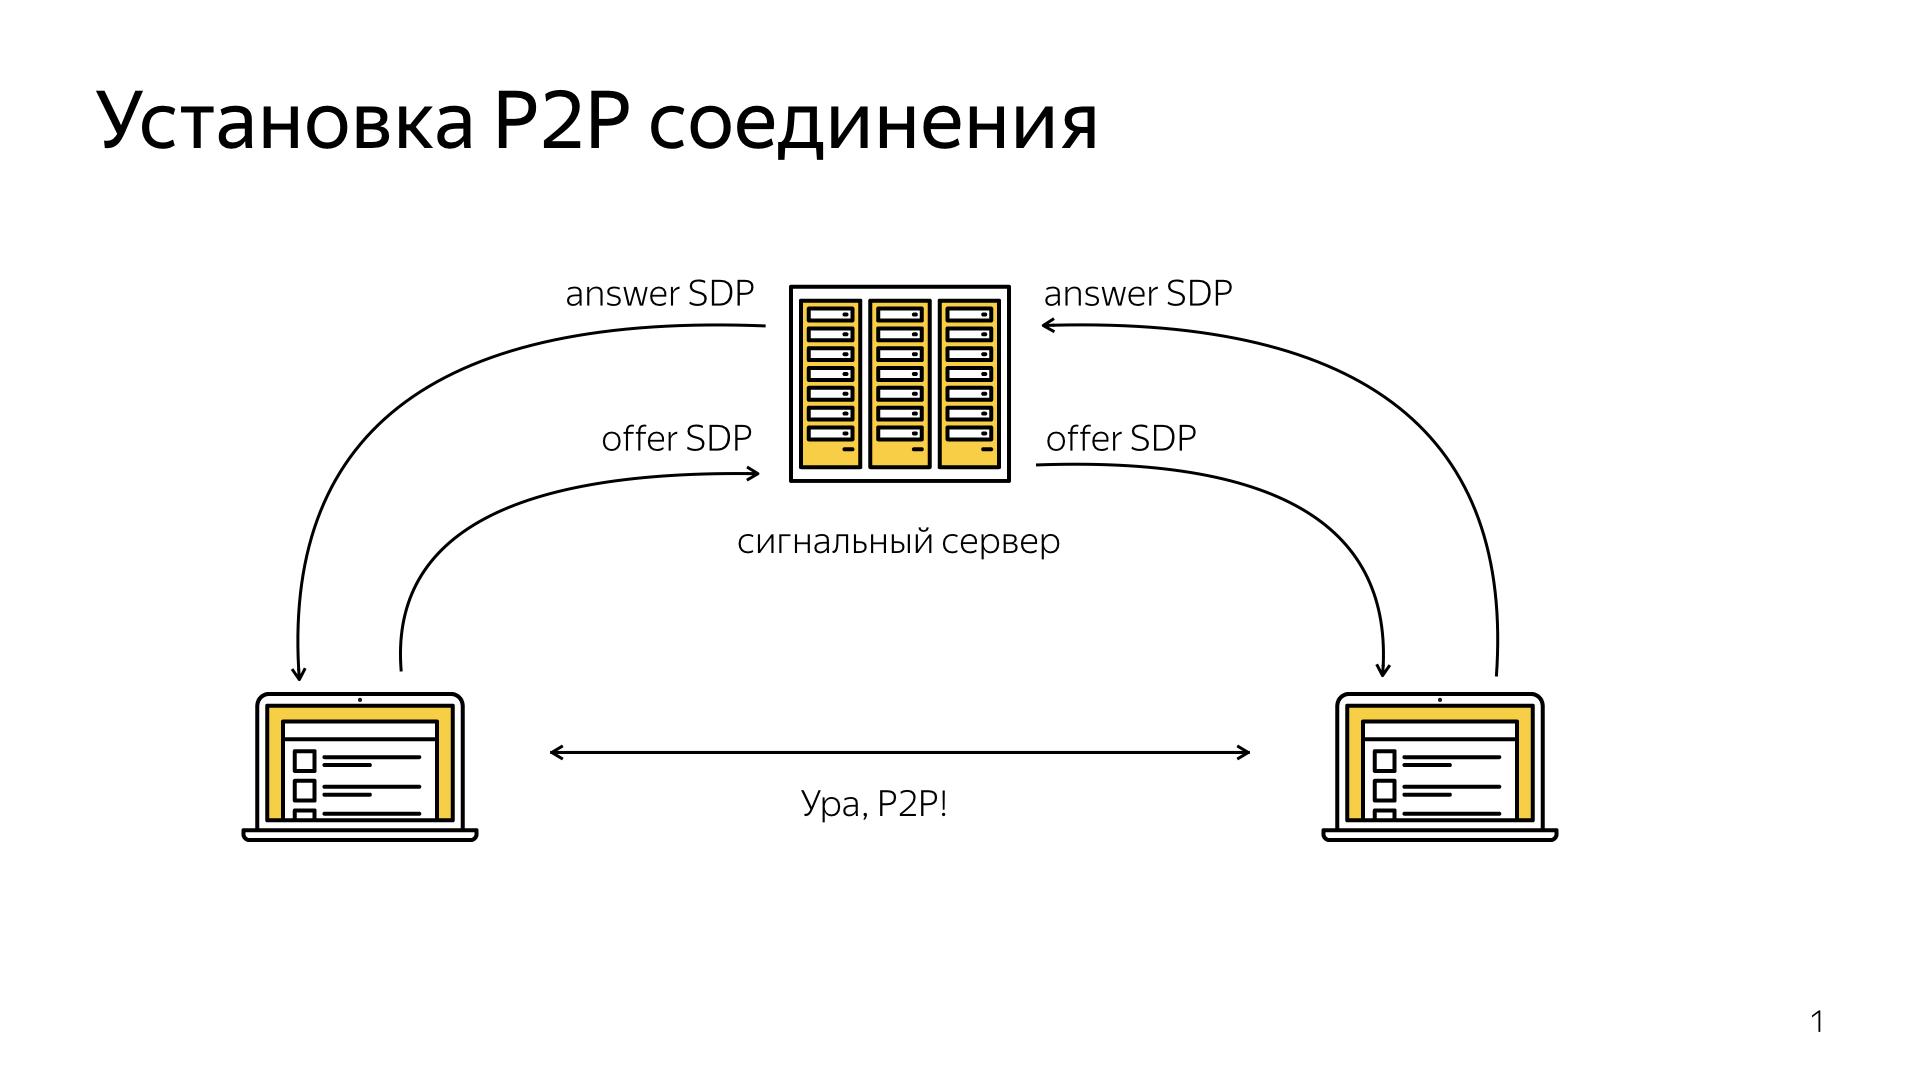 Опыт использования WebRTC. Лекция Яндекса - 1